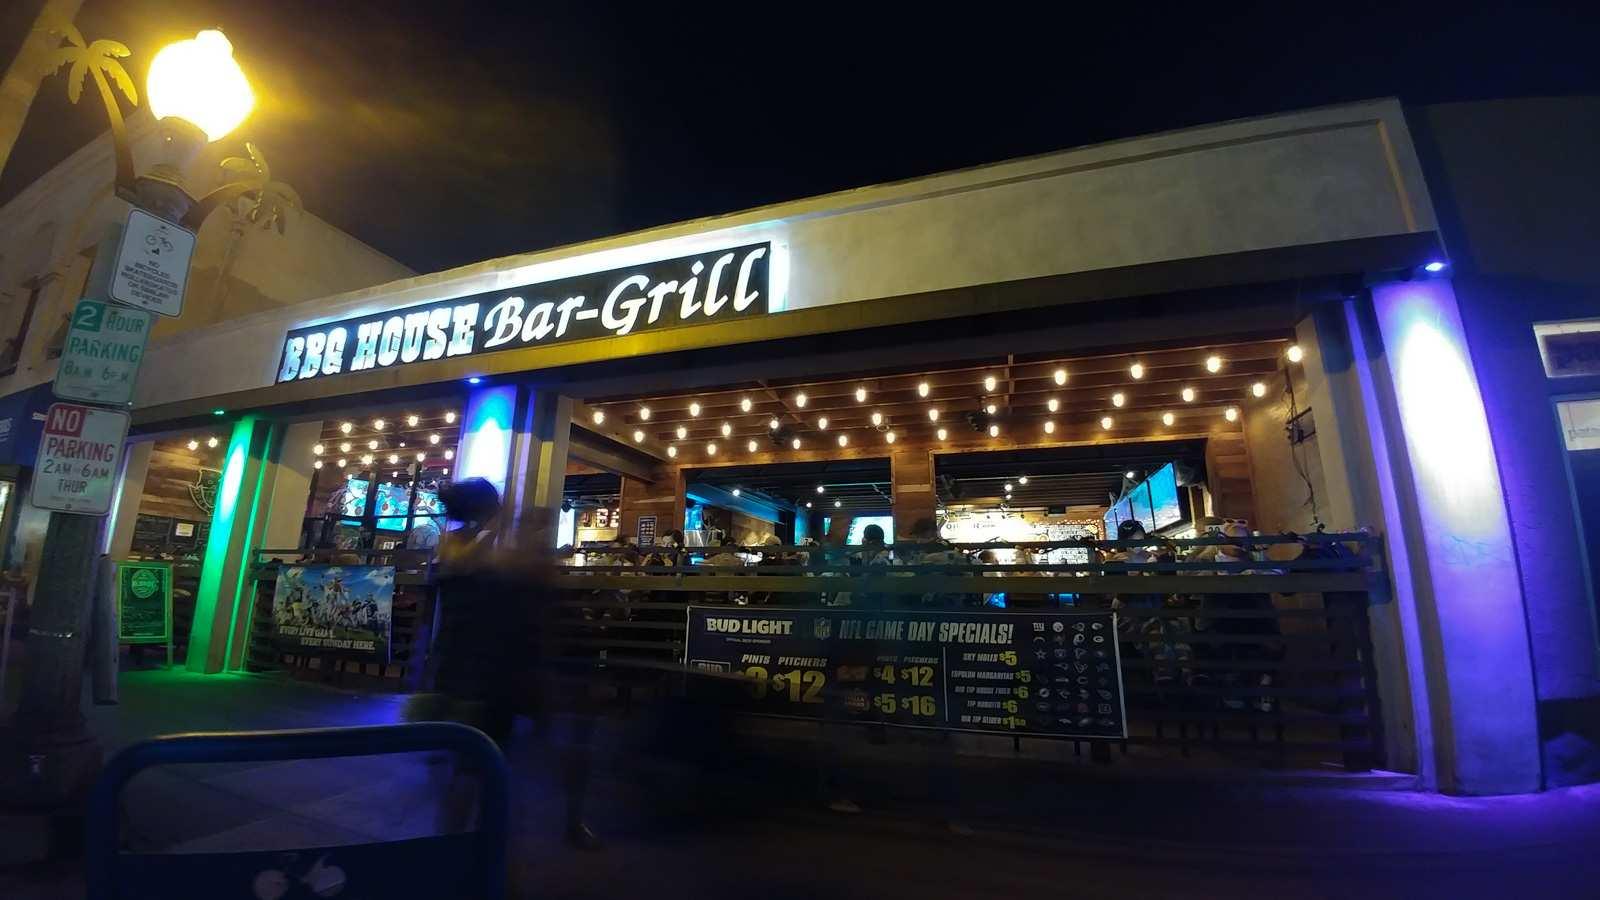 BBQ House Bar-Grill San Diego Ocean Beach